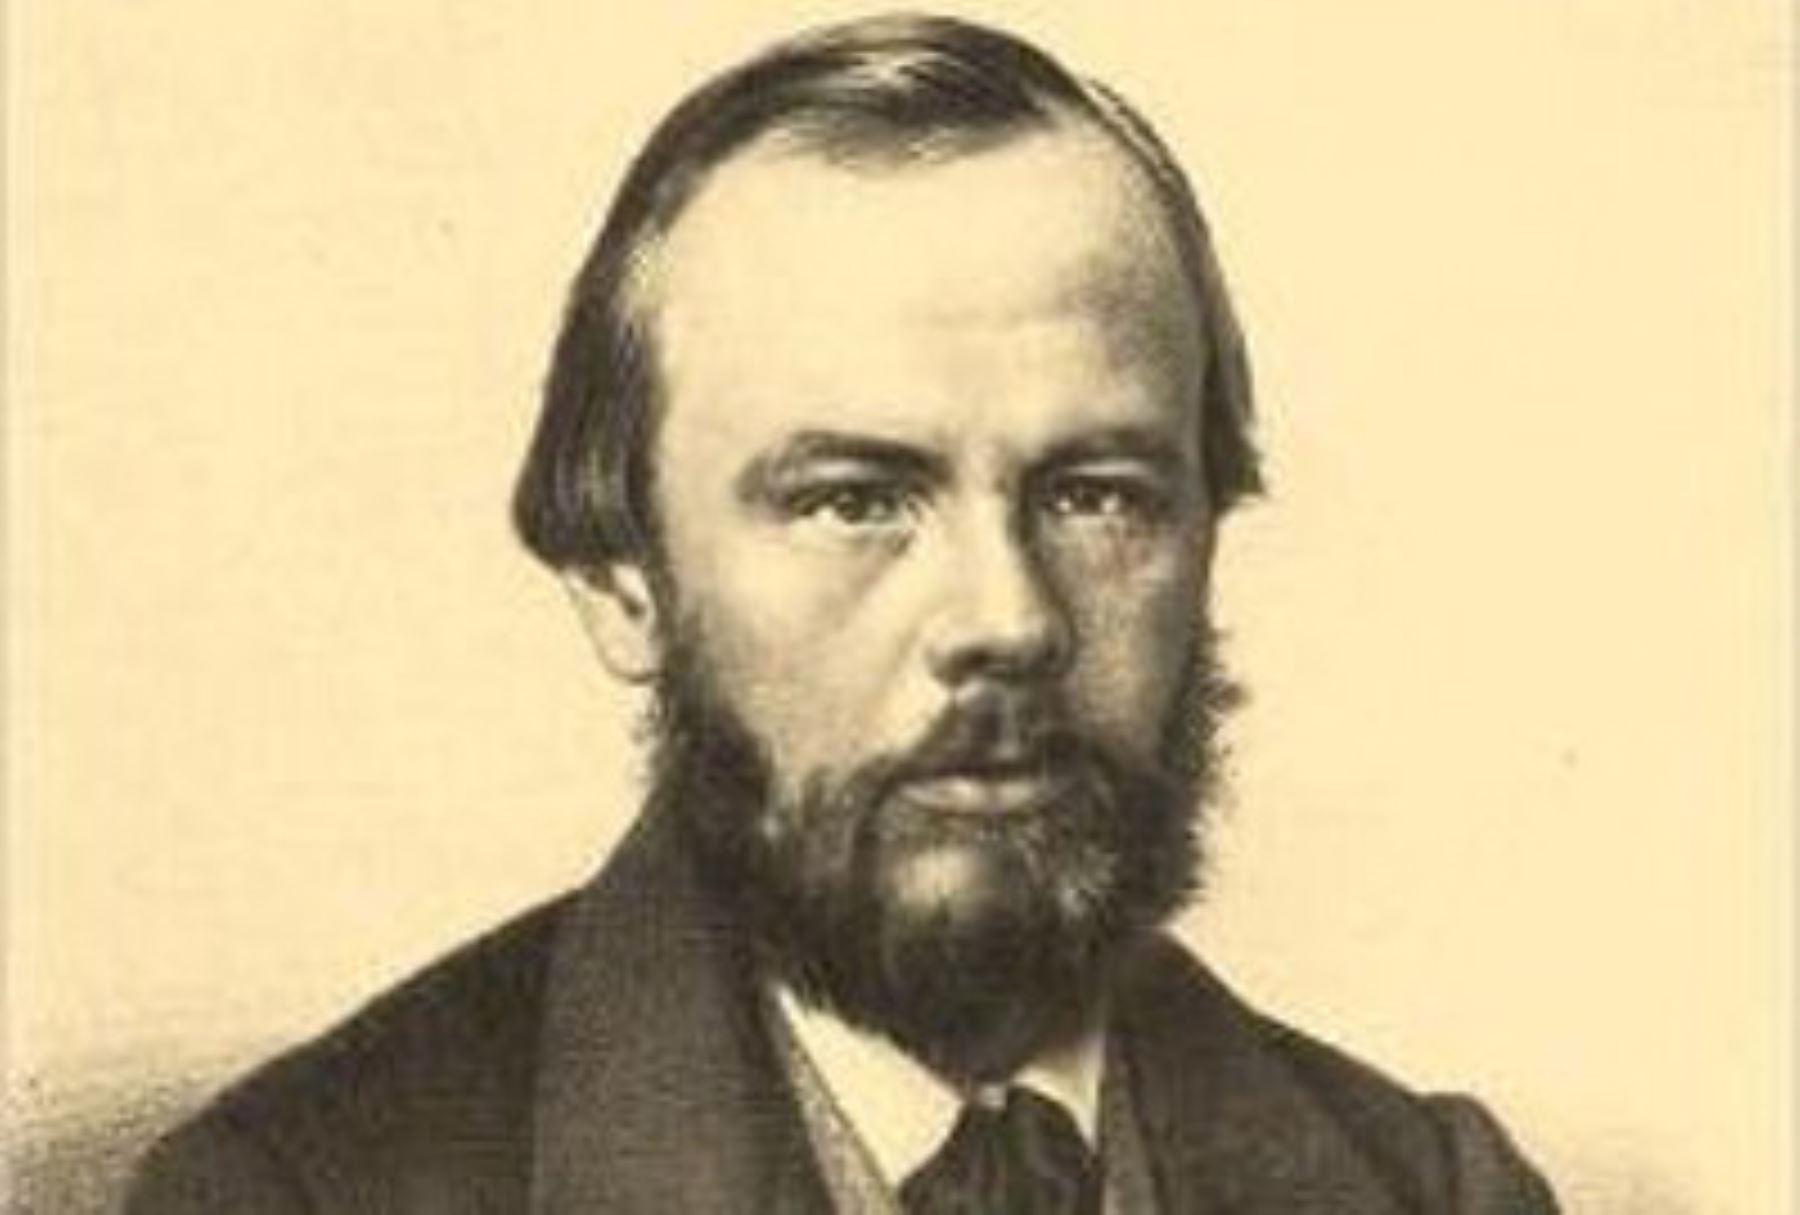 El idiota (Идиот) – Fiódor Dostoyevski